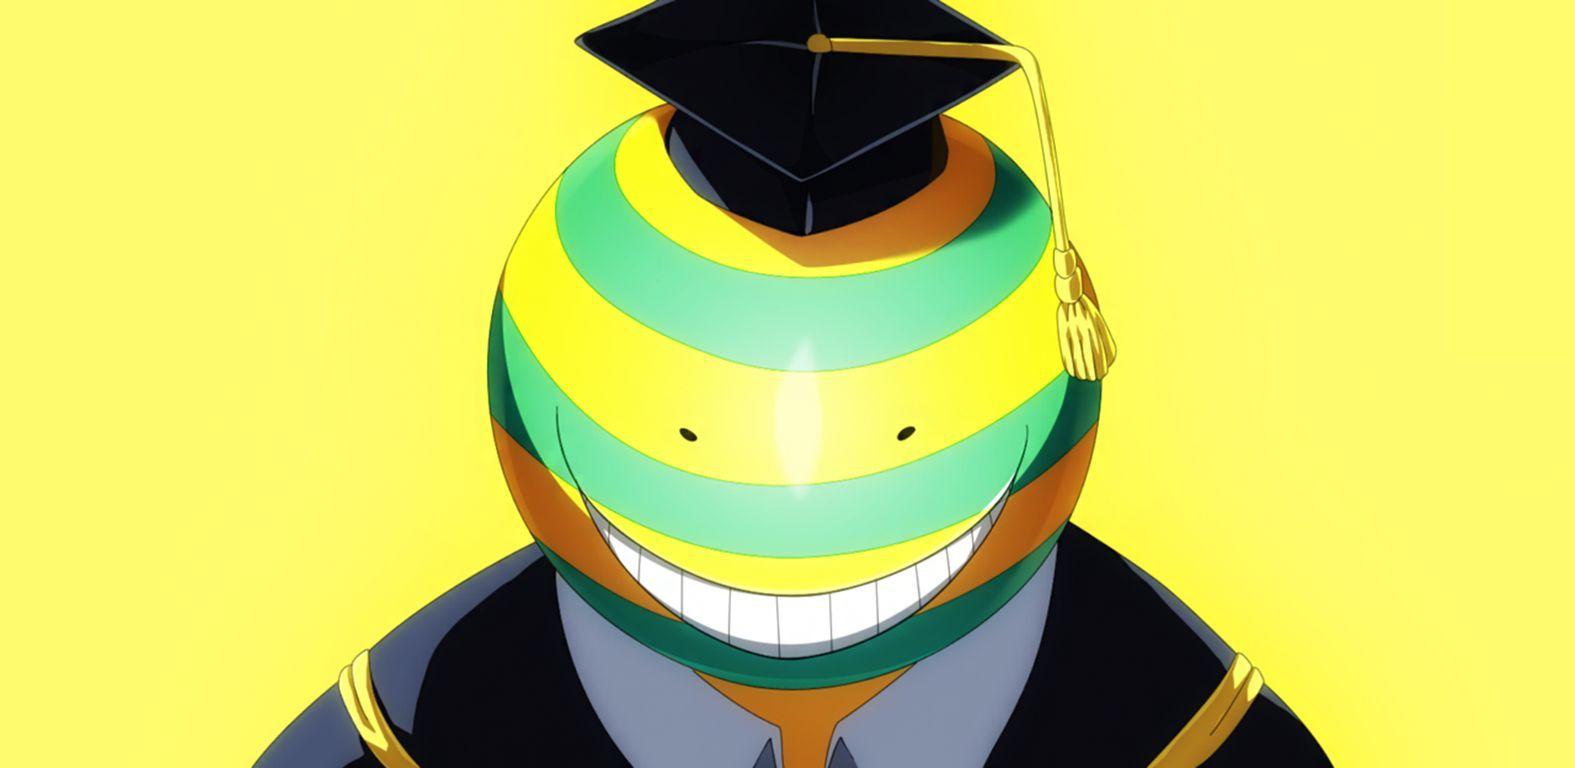 ¿Cuándo Korosensei se pone de color verda y amarillo?